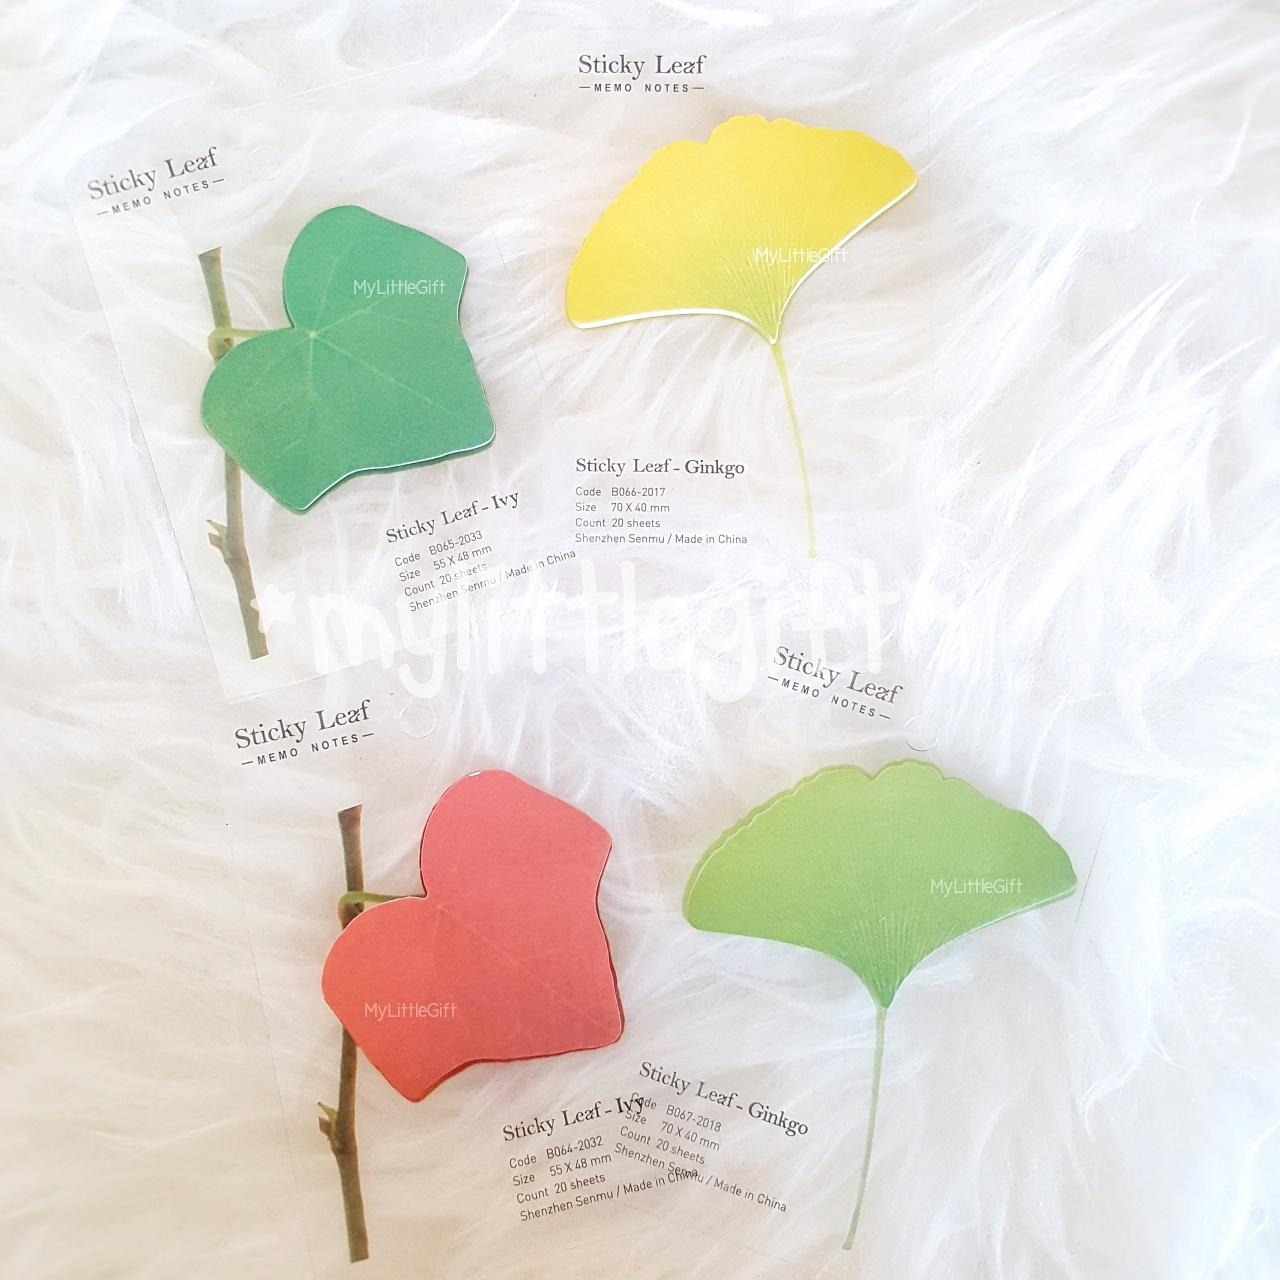 (Set 4 ชิ้น) Sticky Leaf กระดาษโน๊ตมีกาว รูปใบไม้